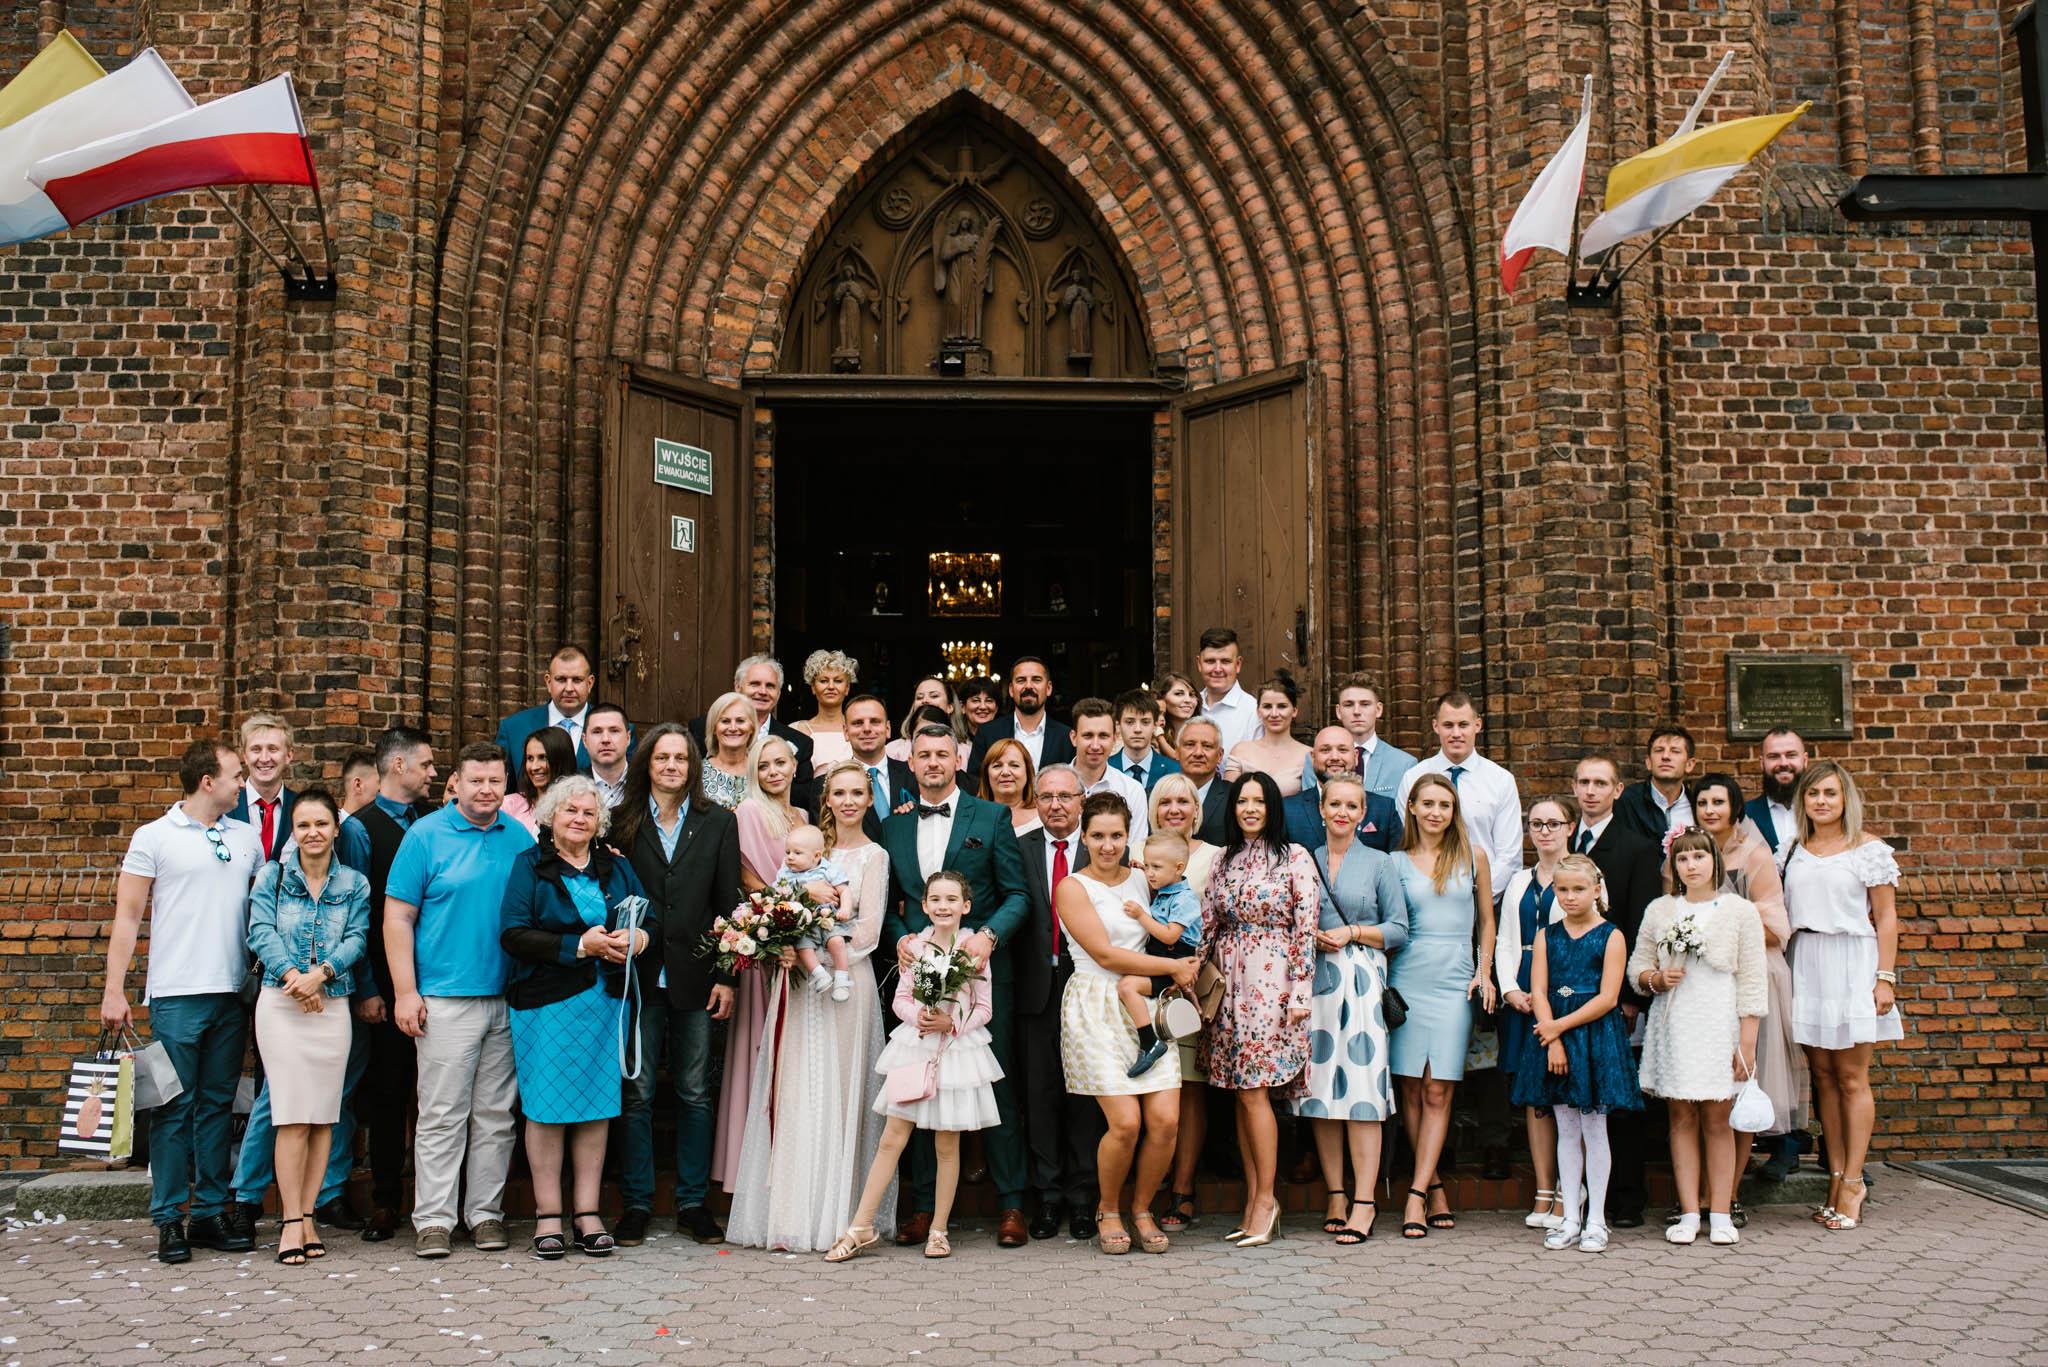 Wspólne zdjęcie gości weselnych przed kościołem - sesja ślubna na Wyspie Św. Edwarda Zaniemyśl